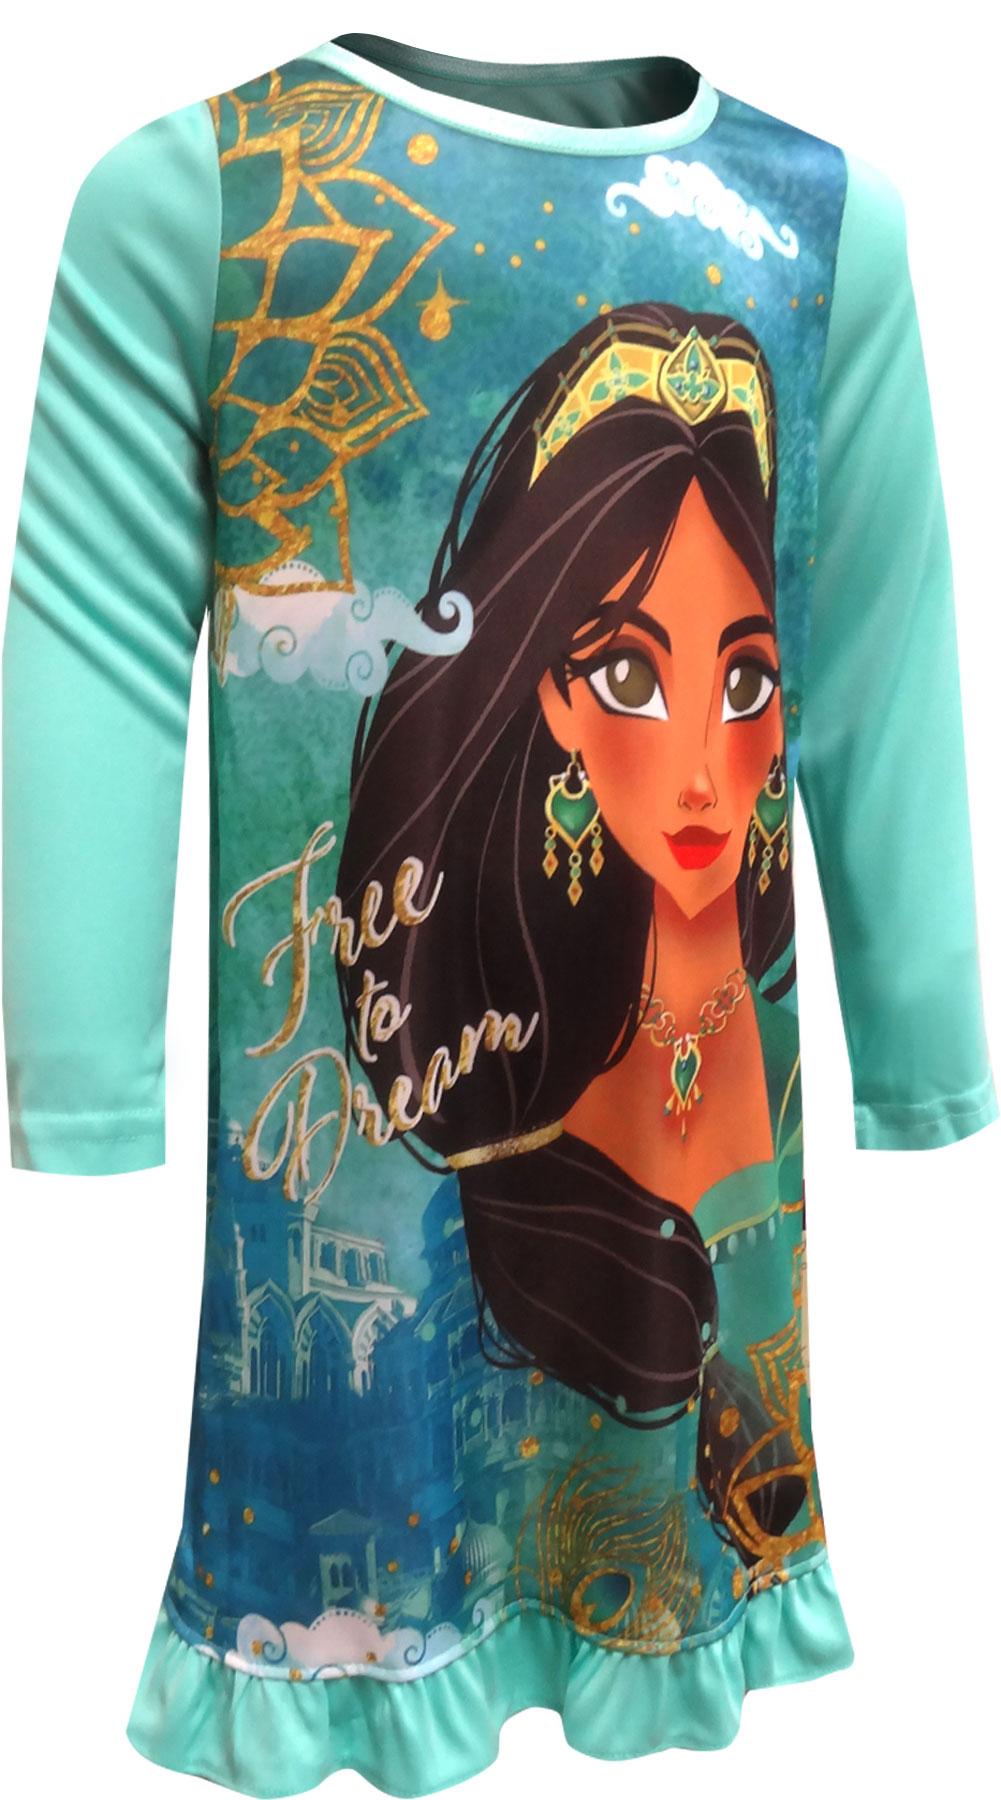 Princess Jasmine Free To Dream Nightgown